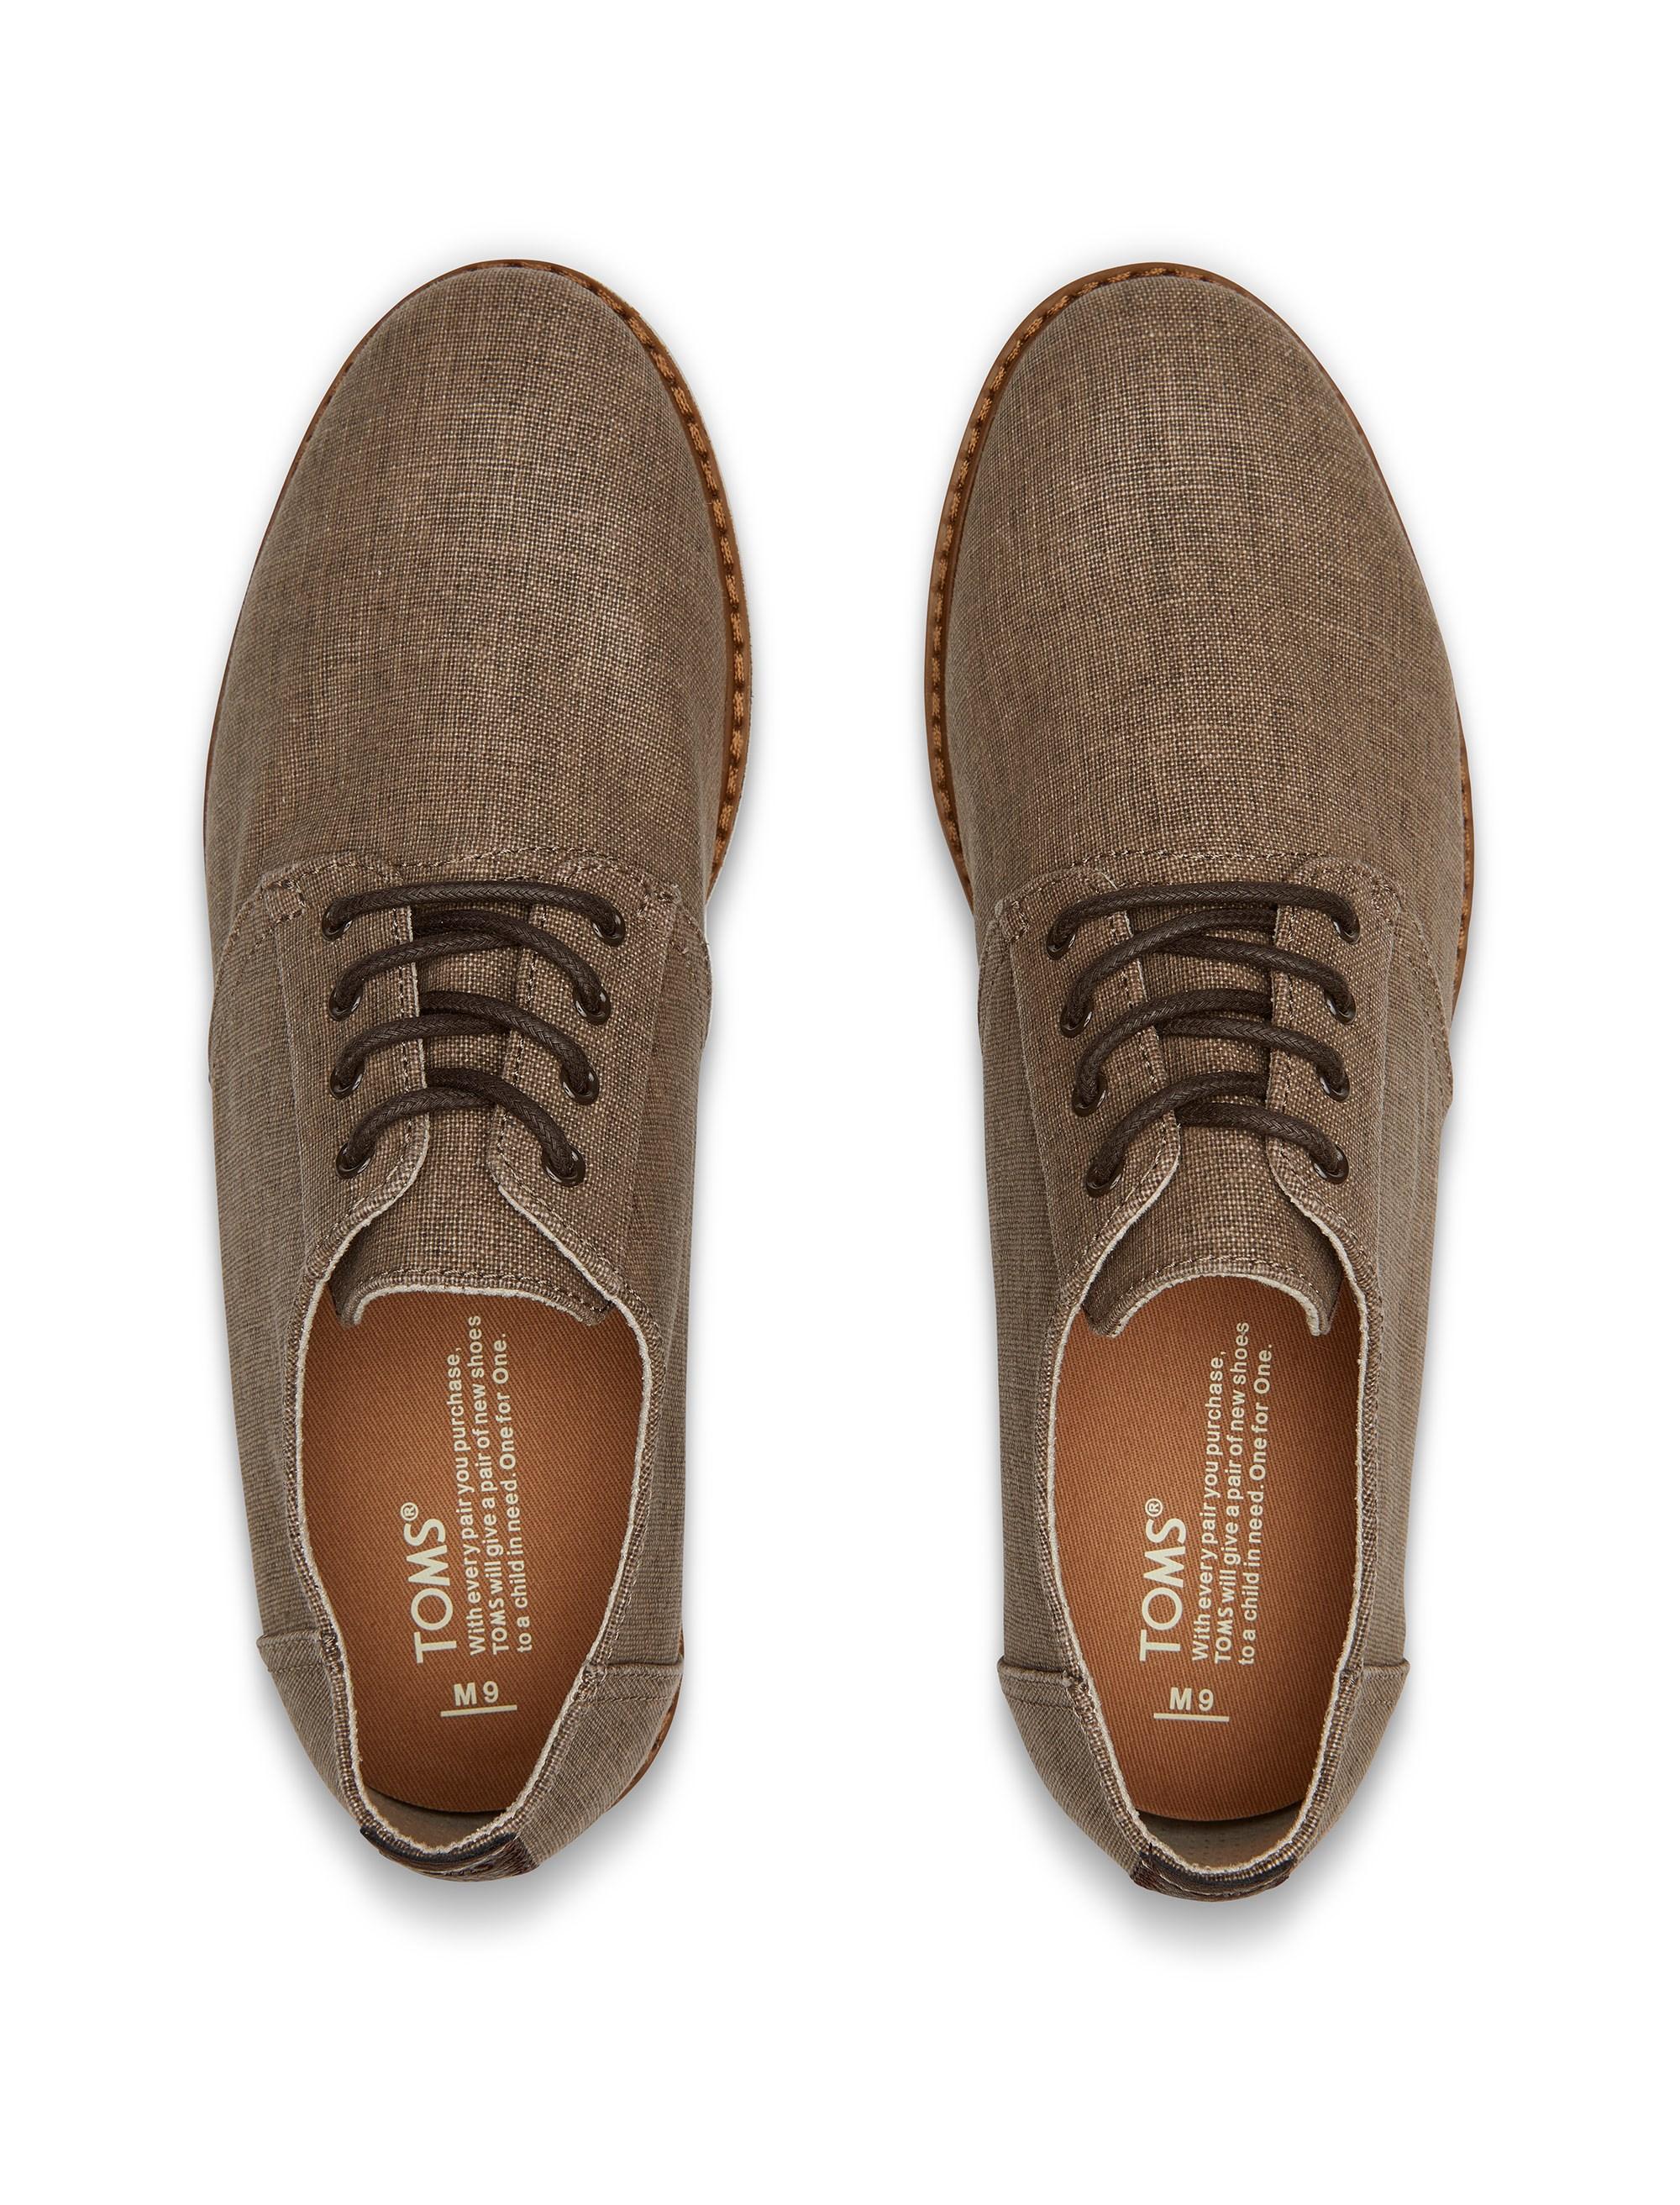 کفش اداری پارچه ای مردانه Preston Dress - تامز